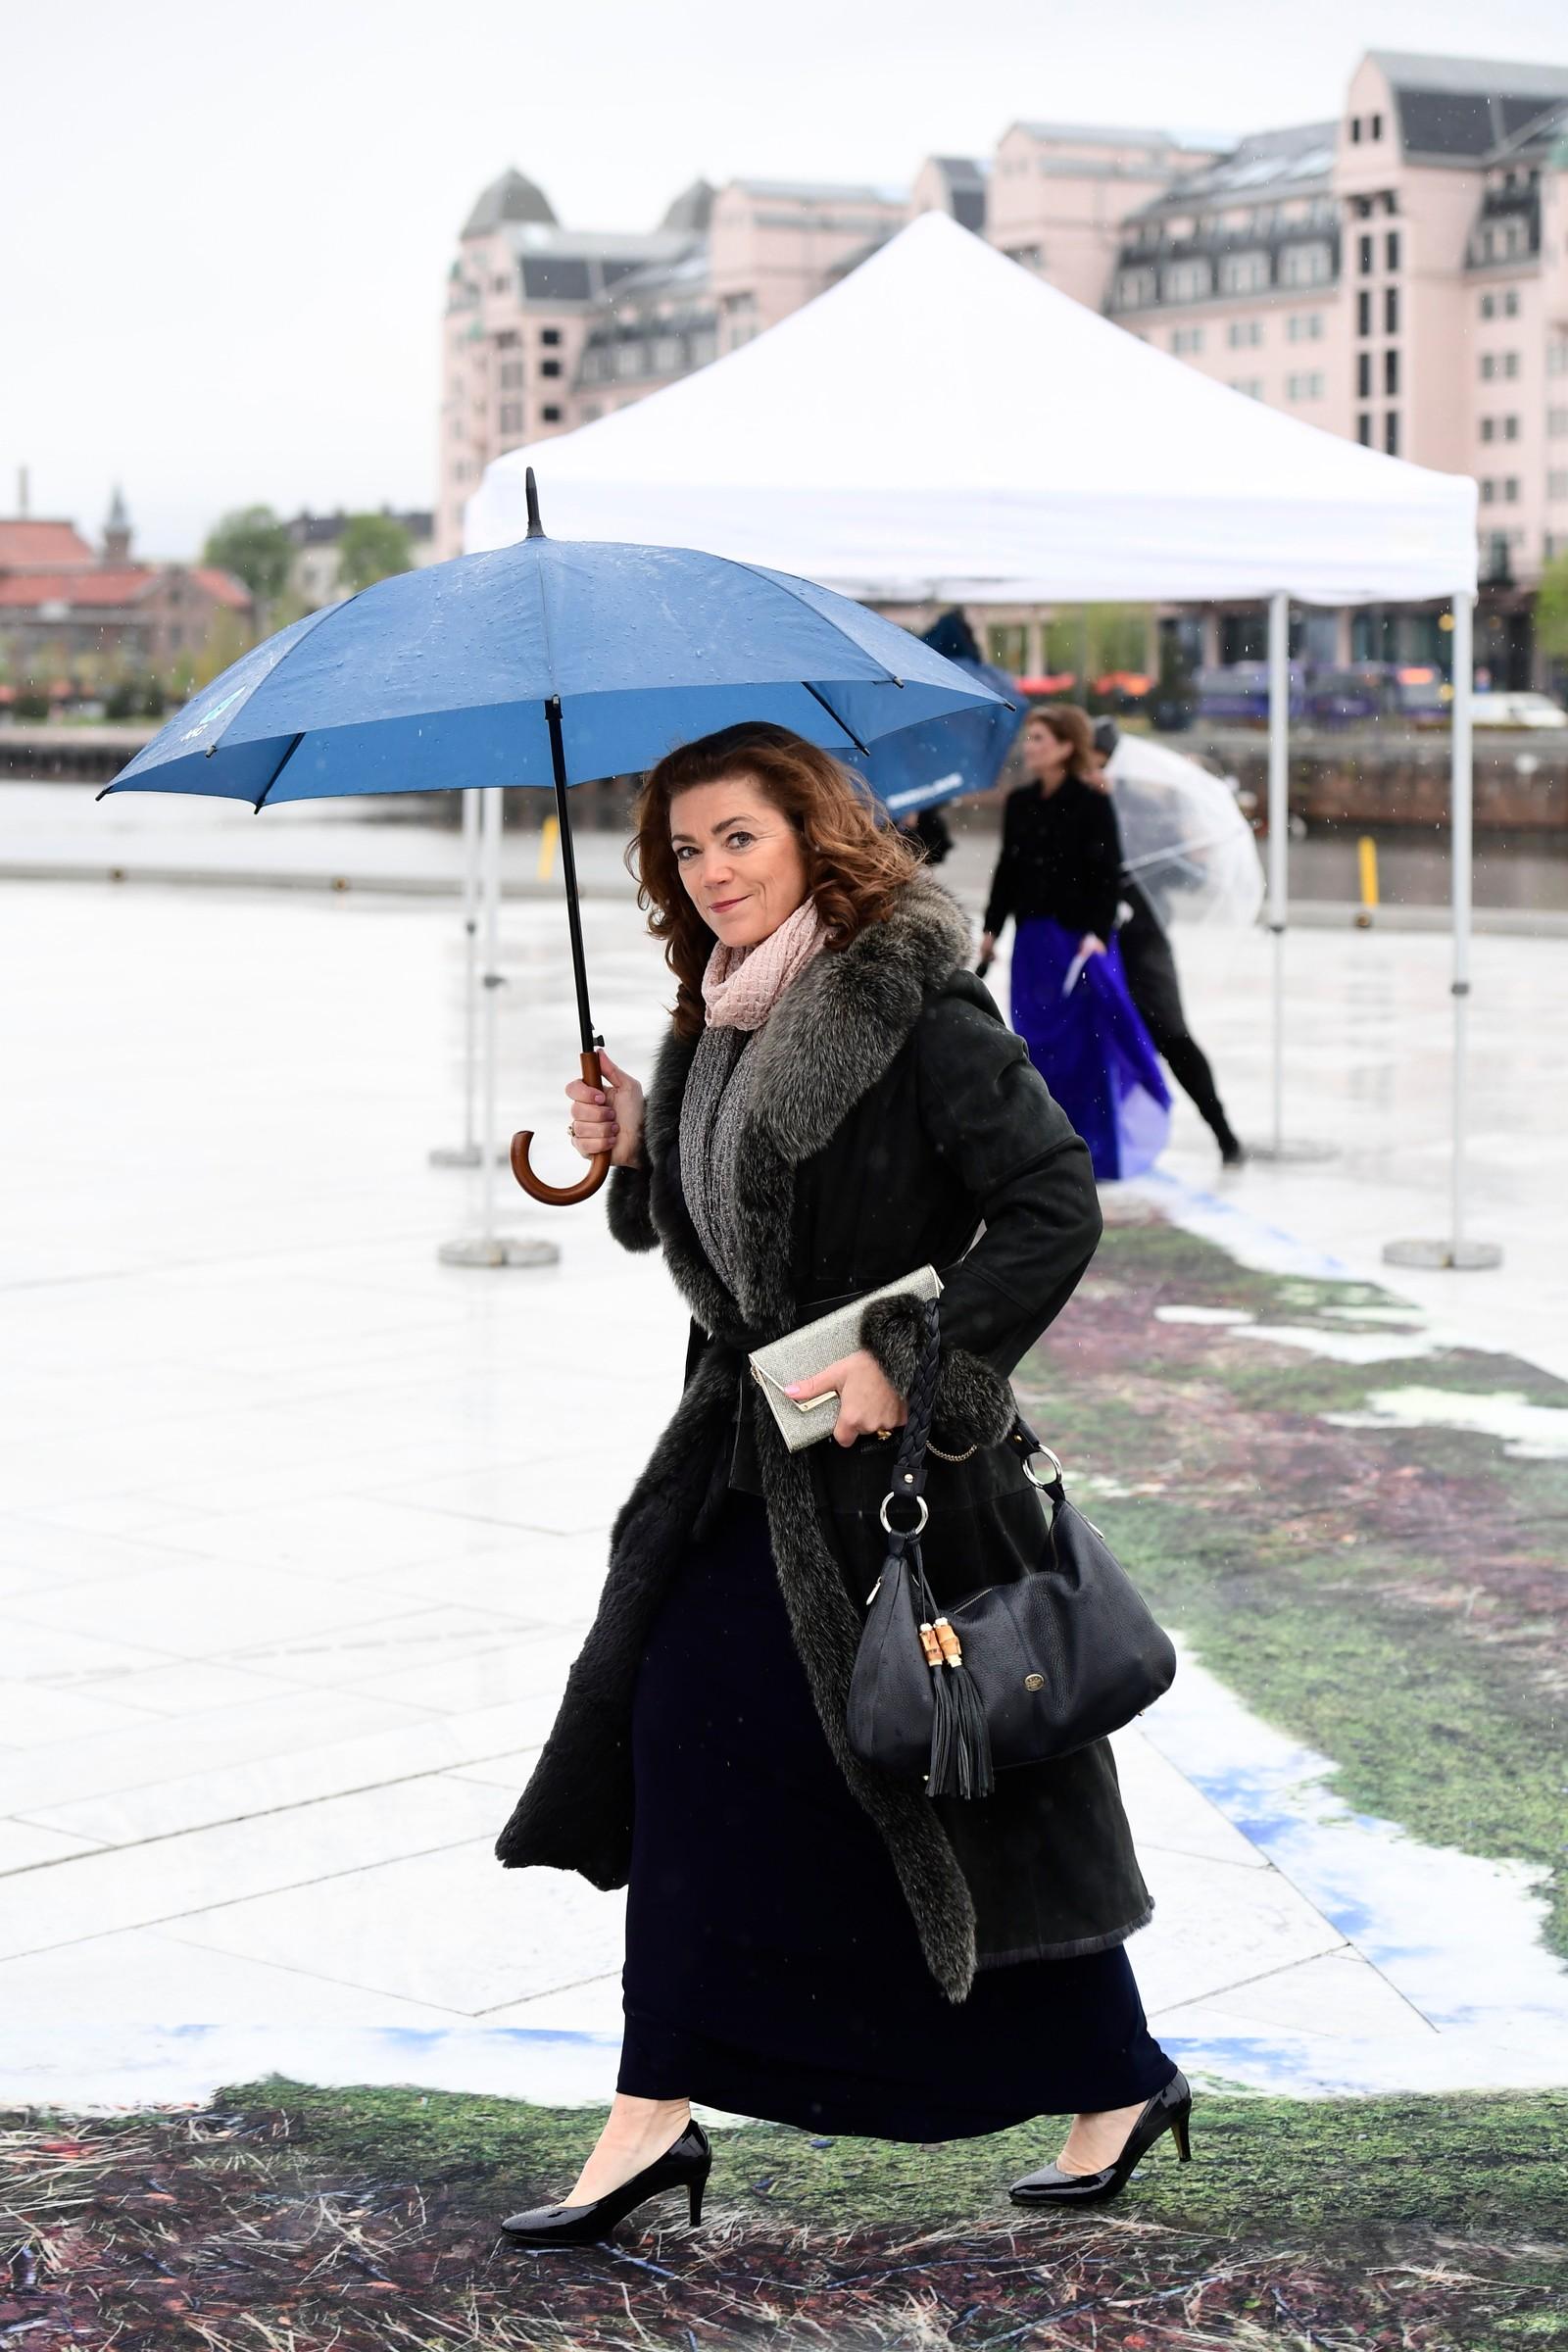 NHO-leder Kristin Skogen Lund ankommer festmiddagen i Operaen i anledning kongeparets 80-årsfeiring.